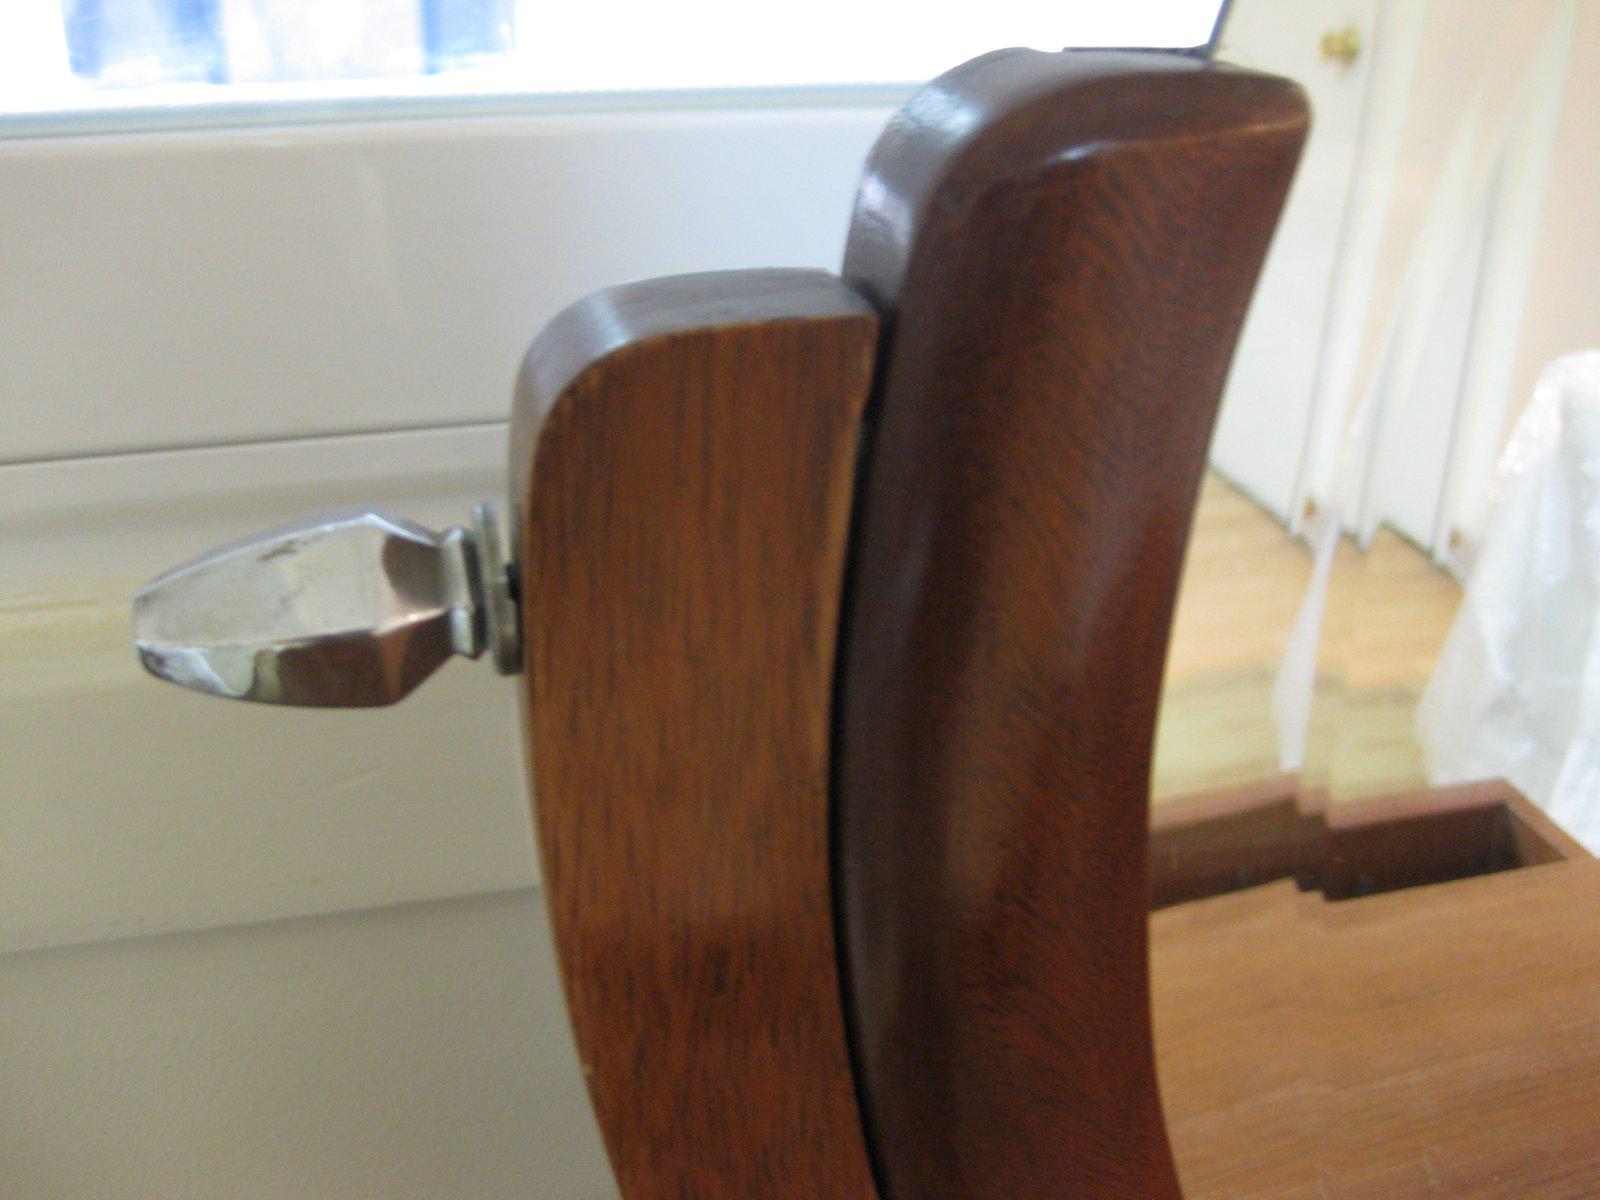 coiffeuse art d co france 1930s en vente sur pamono. Black Bedroom Furniture Sets. Home Design Ideas